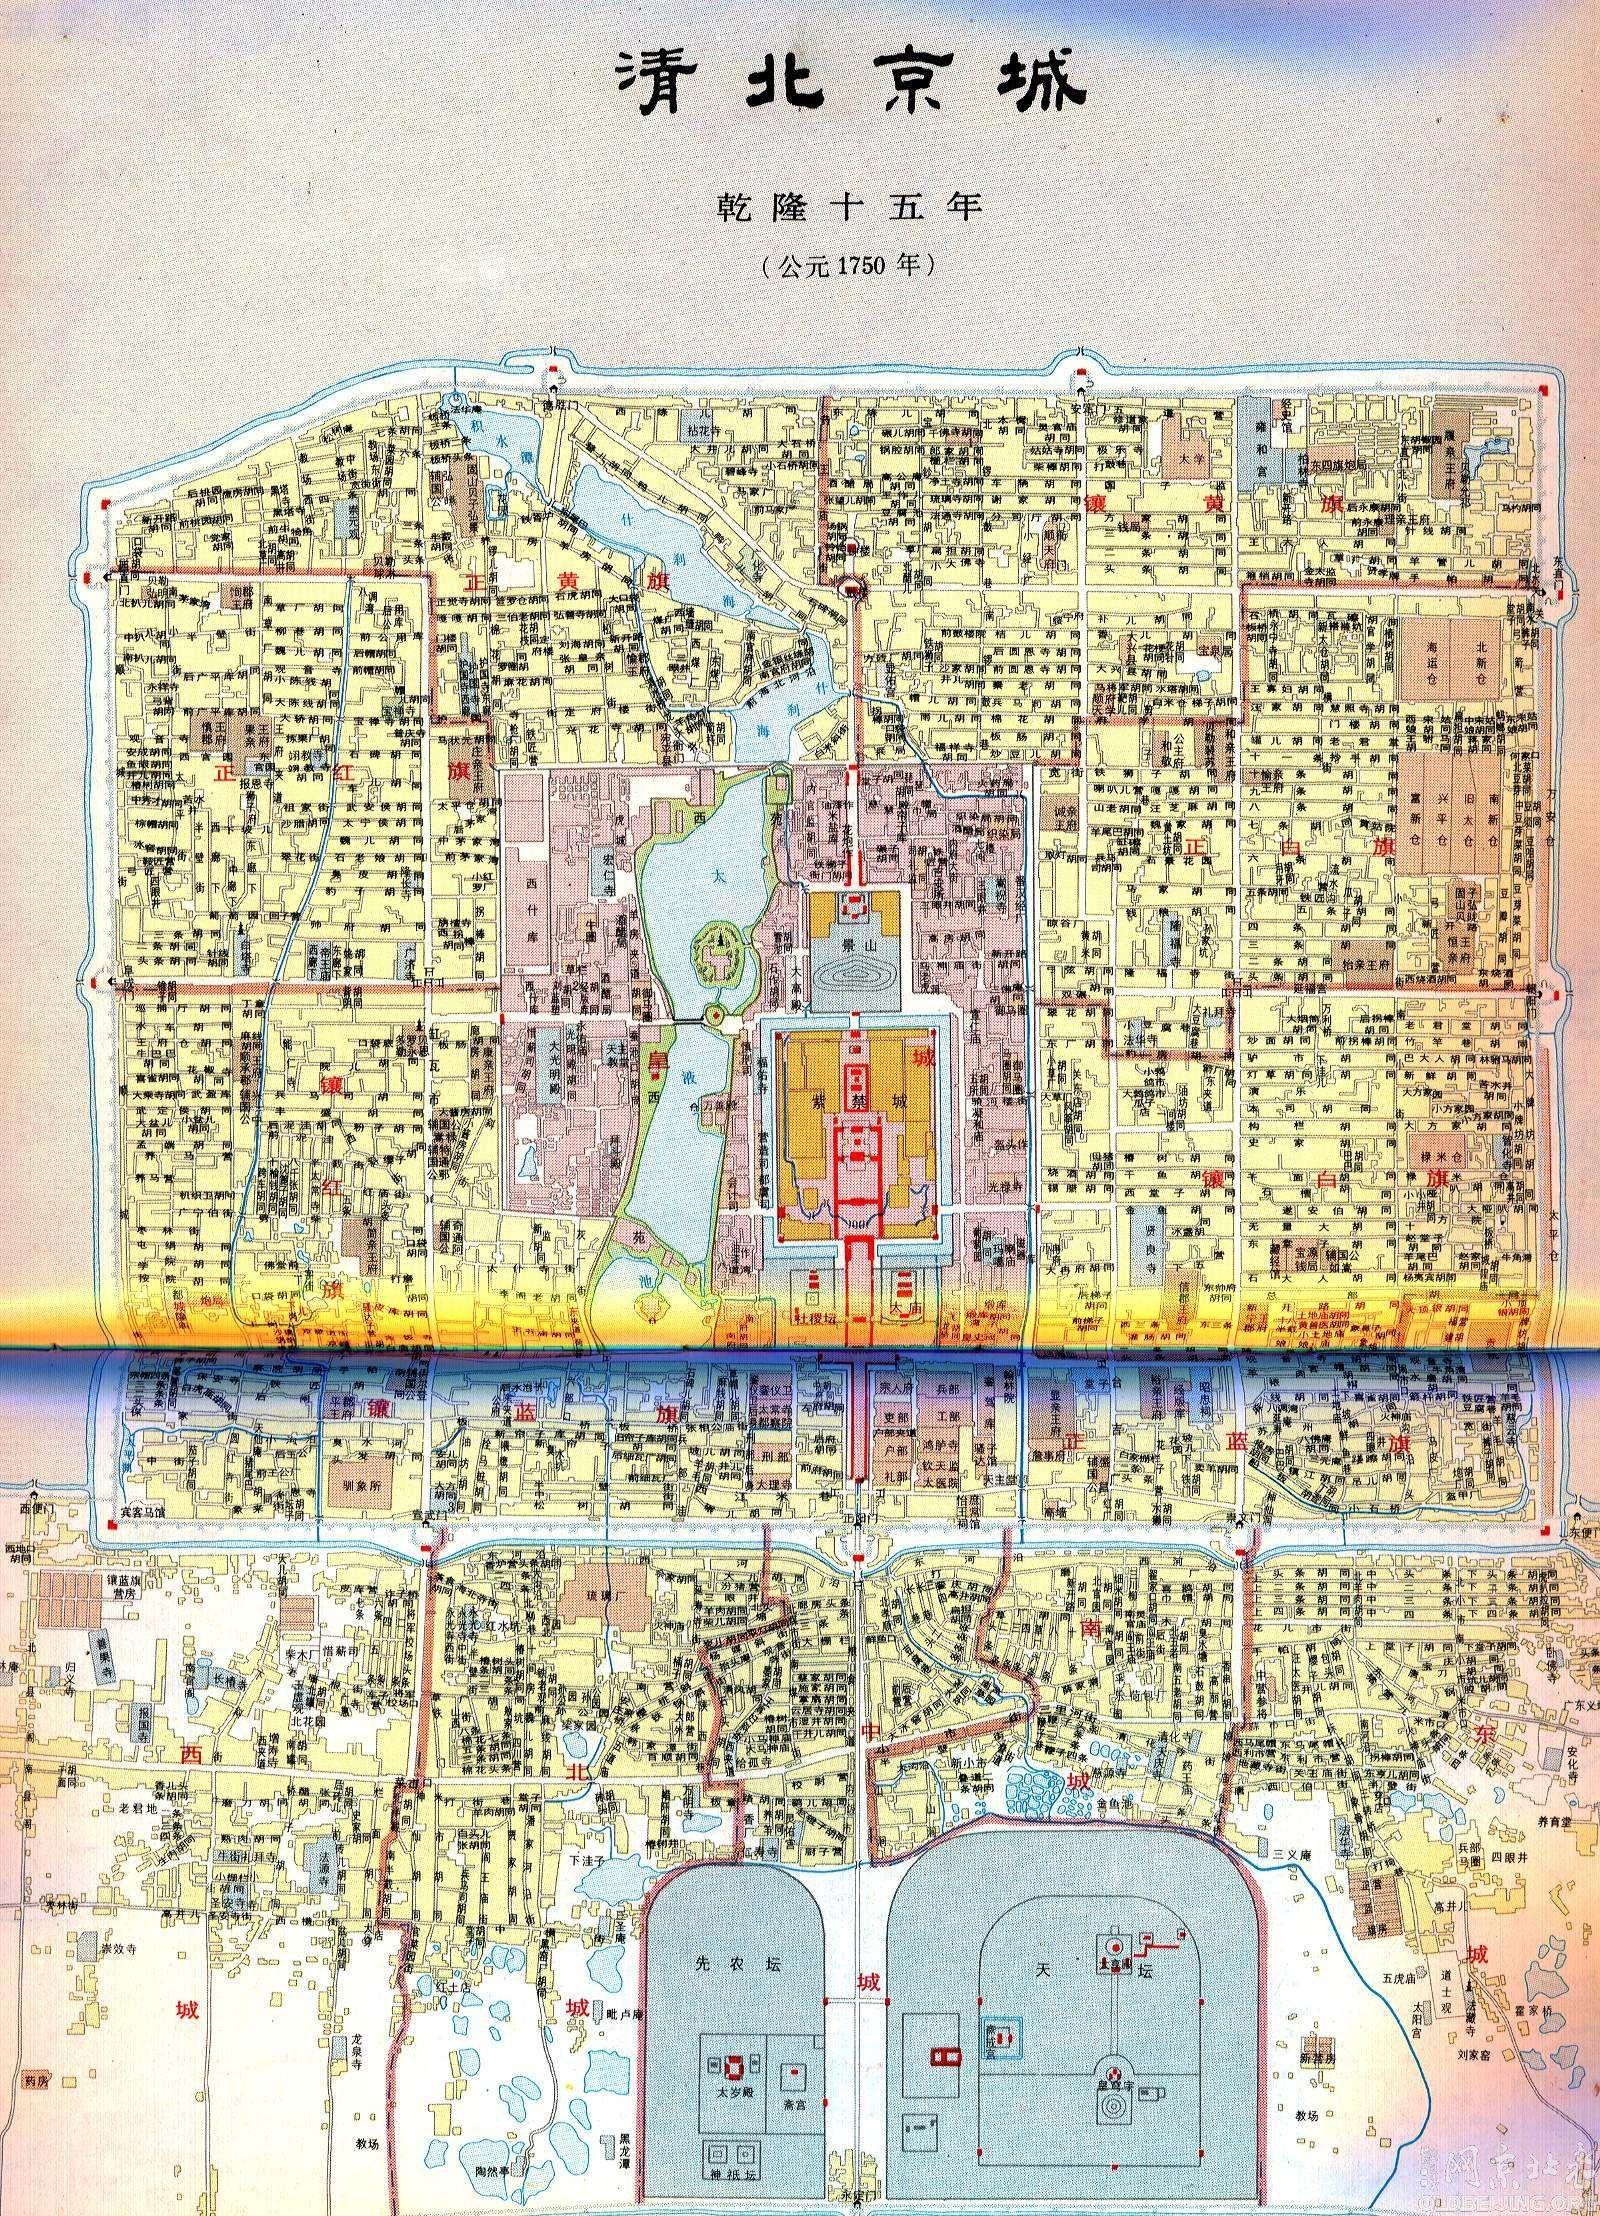 寻找西城原来十八半截胡同的老街坊